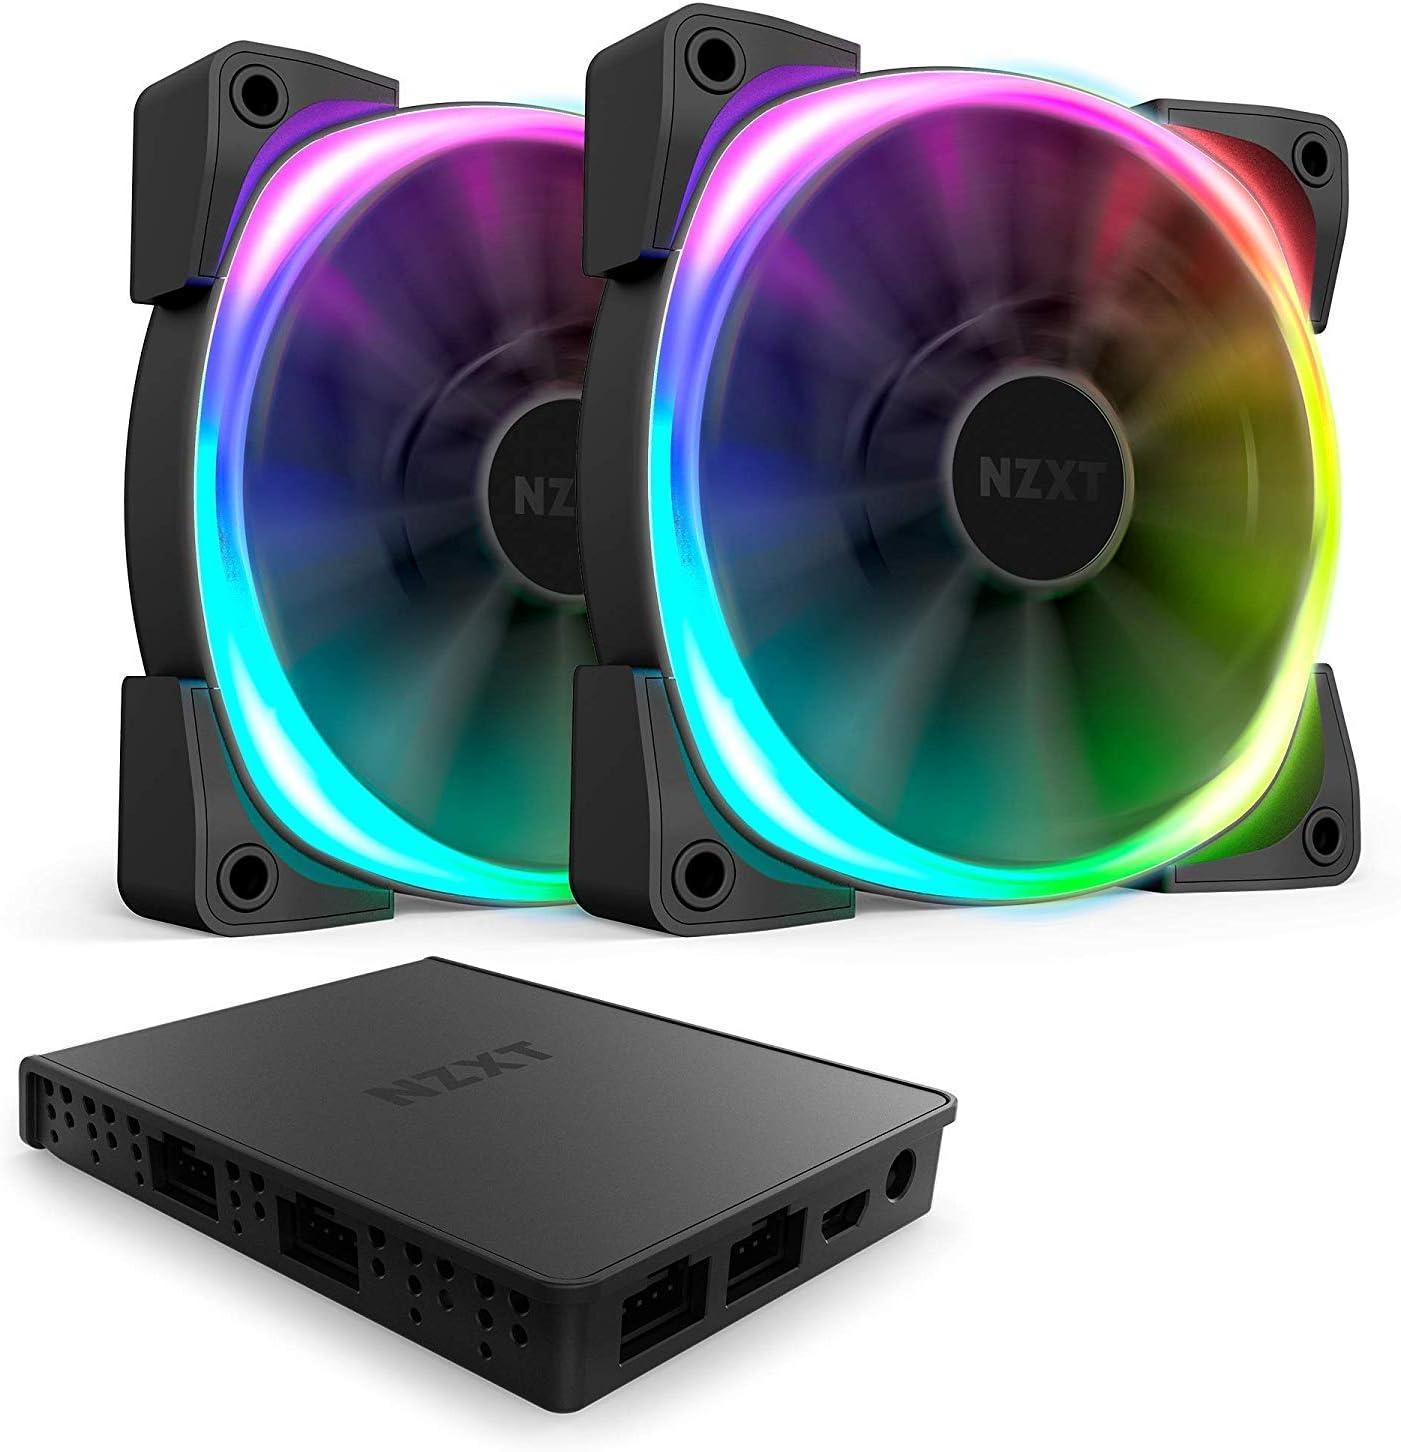 NZXT AER RGB 2 - 120 mm - Personalizaciones de iluminación avanzadas - Puntas Winglet - Ventilador LED RGB PWM para Hue 2 - Paquete doble + Controlador de iluminación Hue 2